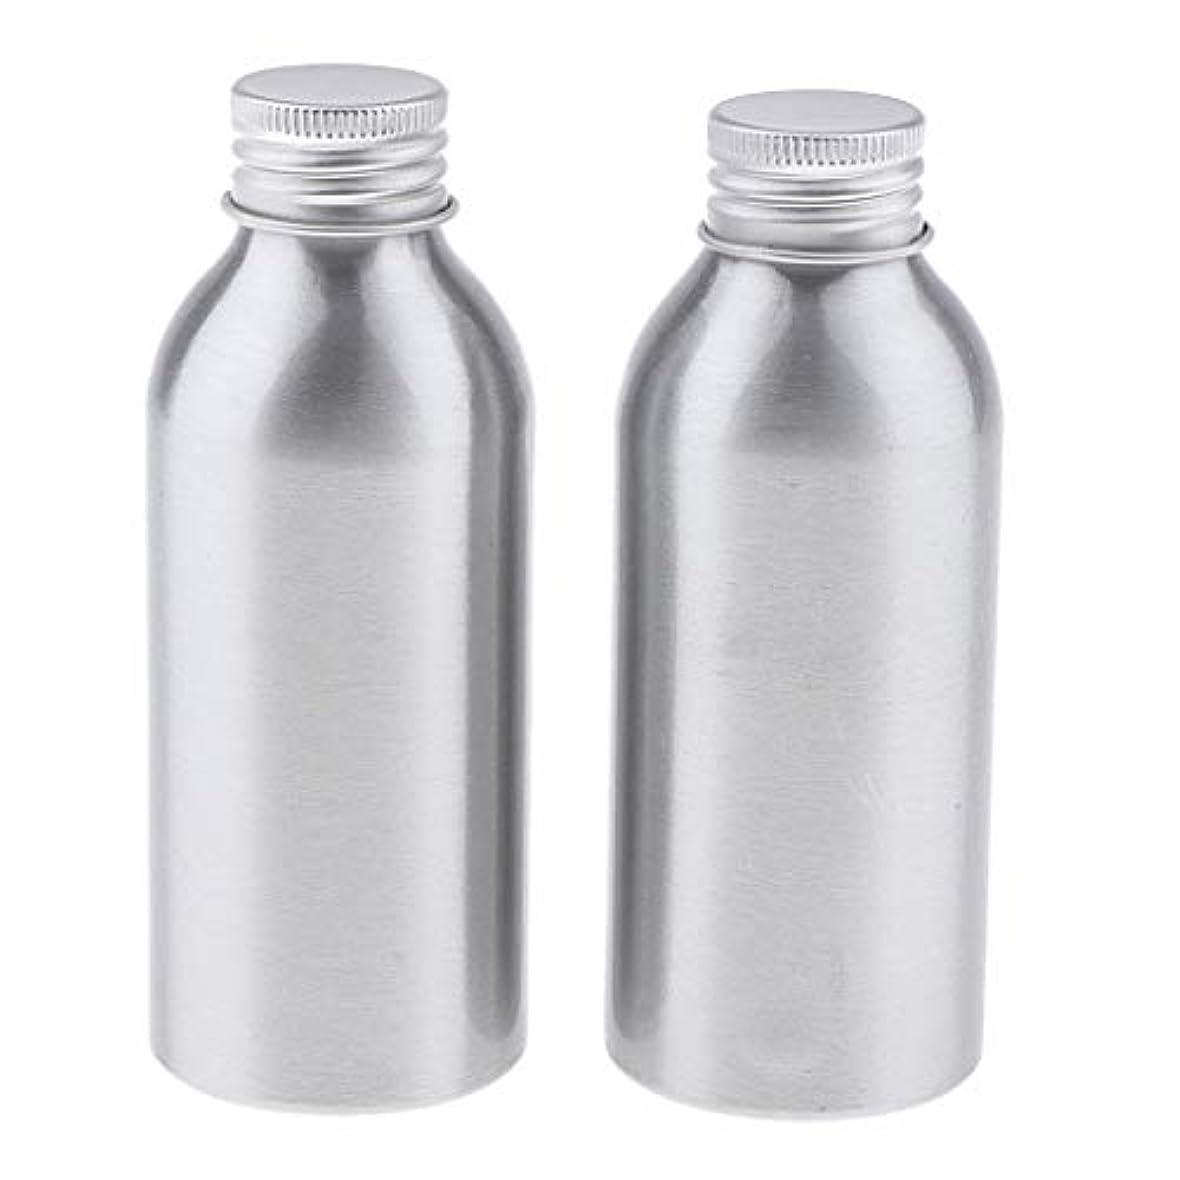 ヒューズシェルより平らな2本 アルミボトル 空容器 化粧品収納容器 ディスペンサーボトル シルバー 全5サイズ - 120ml